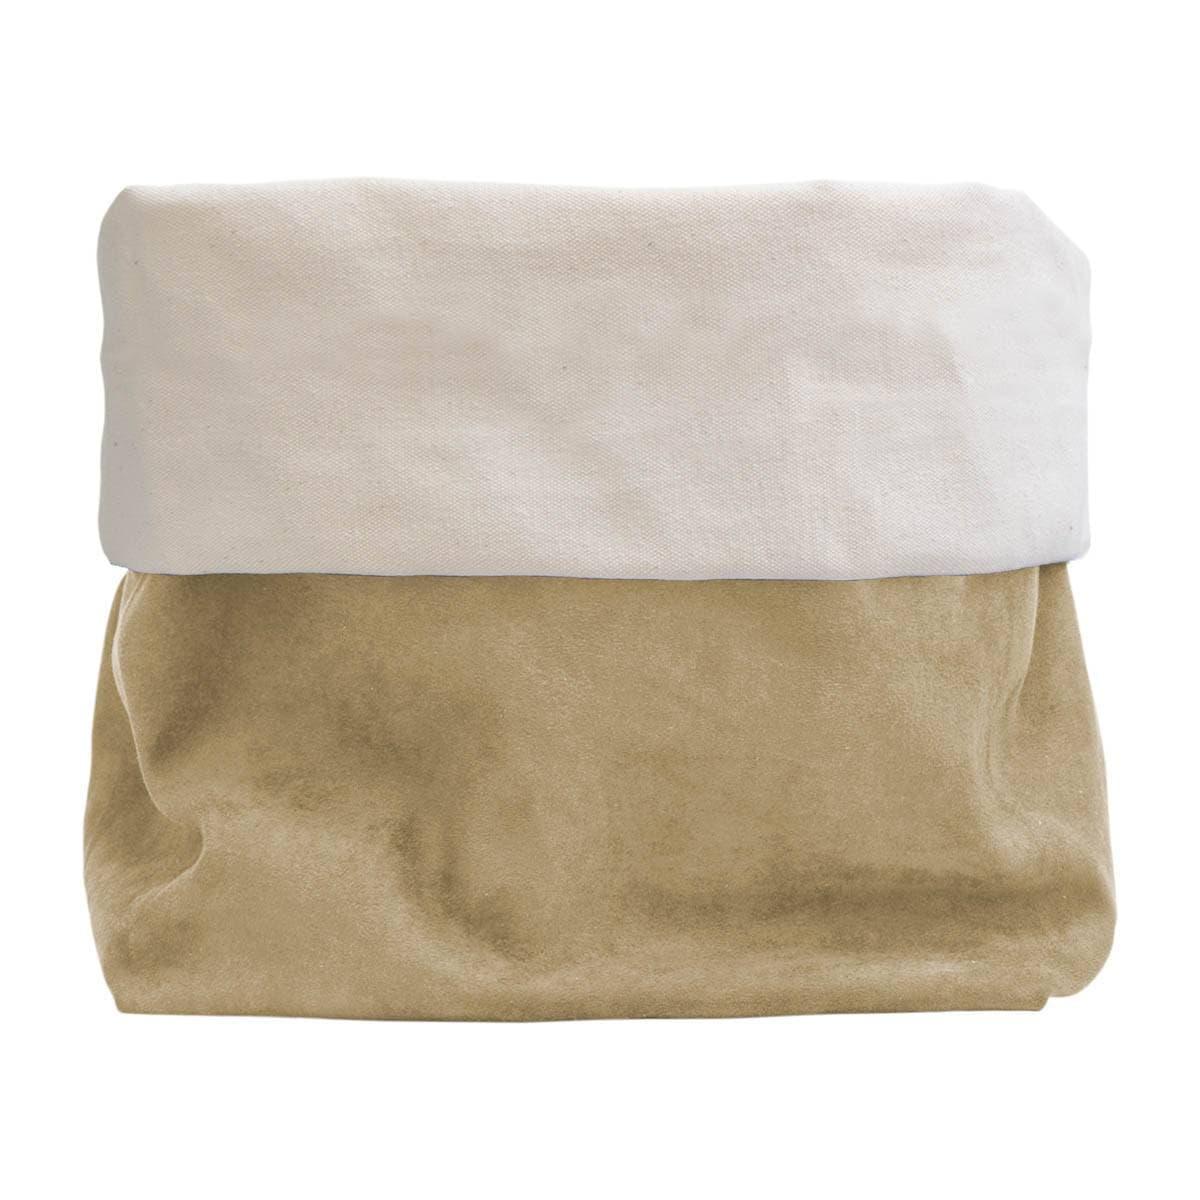 Porta Treco • Futon Company ® #816D4A 1200x1200 Acessorios Banheiro Moema